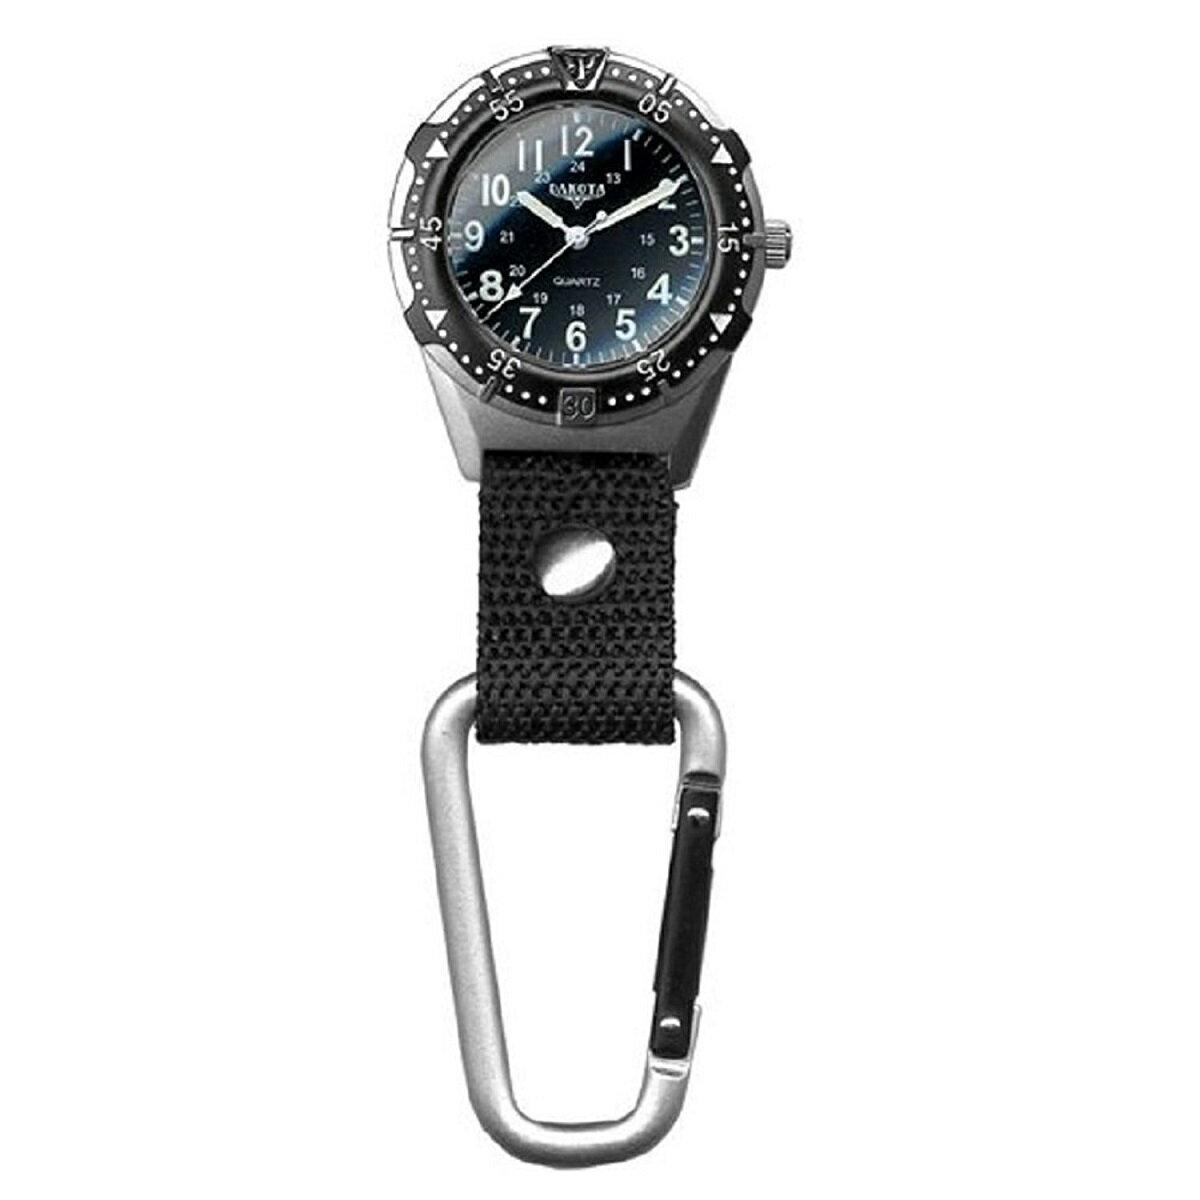 3針 カラビナウォッチ Aluminum Backpacker Clip Watch  2844